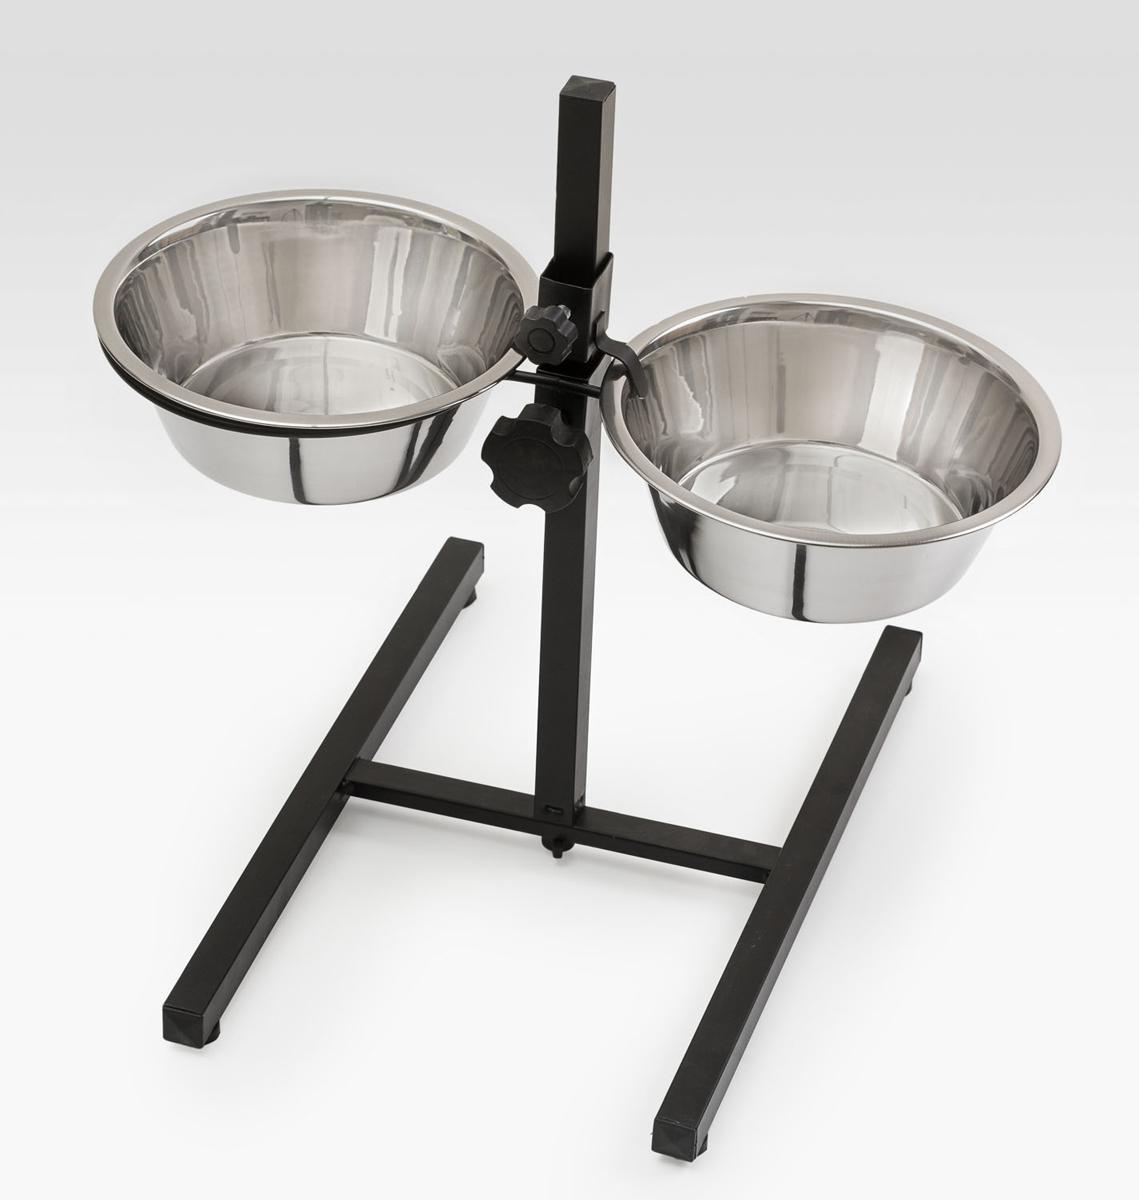 Миска для собак VM Double Diner, двойная, с телескопической подставкой, 2 х 4 л3168Двойная миска VM Double Diner - это функциональный аксессуар для собак. Изделия выполнены из высококачественного металла. Разборная телескопическая подставка позволяет регулировать оптимальный уровень миски по росту питомца, способствуя правильному развитию скелета, осанки и улучшению пищеварения. Миски легко моются. Ваш любимец будет доволен!